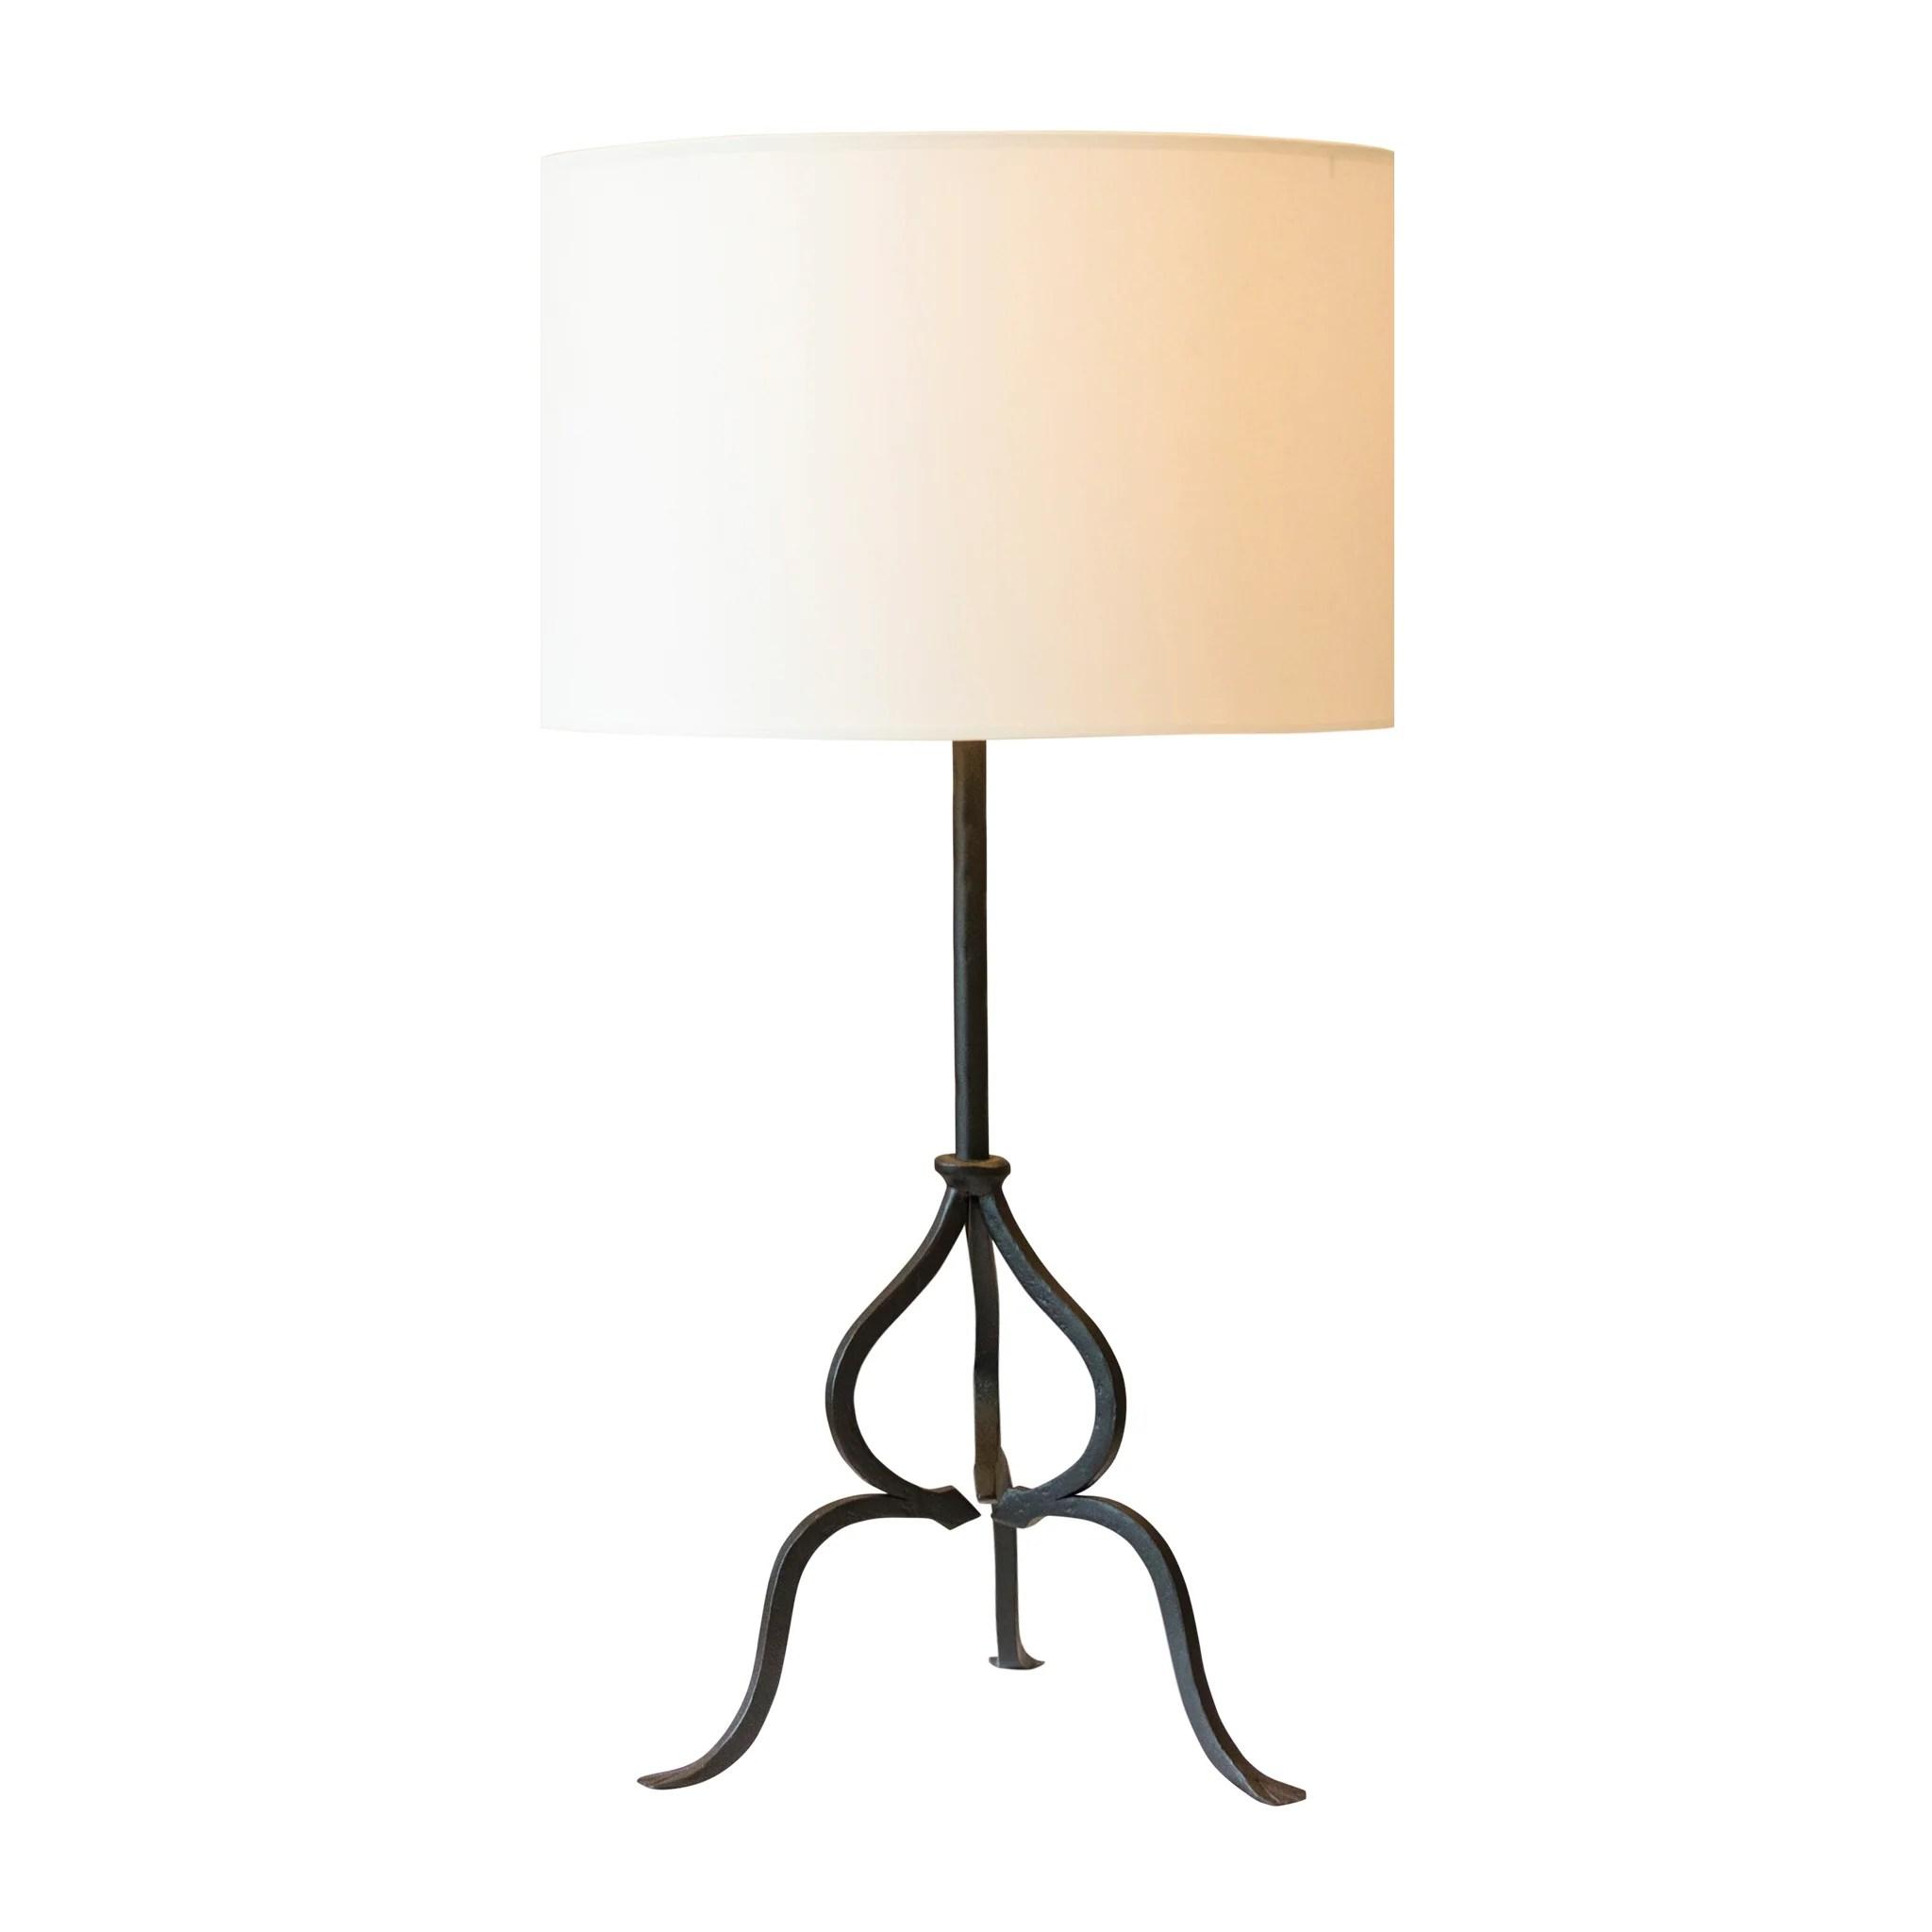 tripod table lamp [ 2048 x 2048 Pixel ]